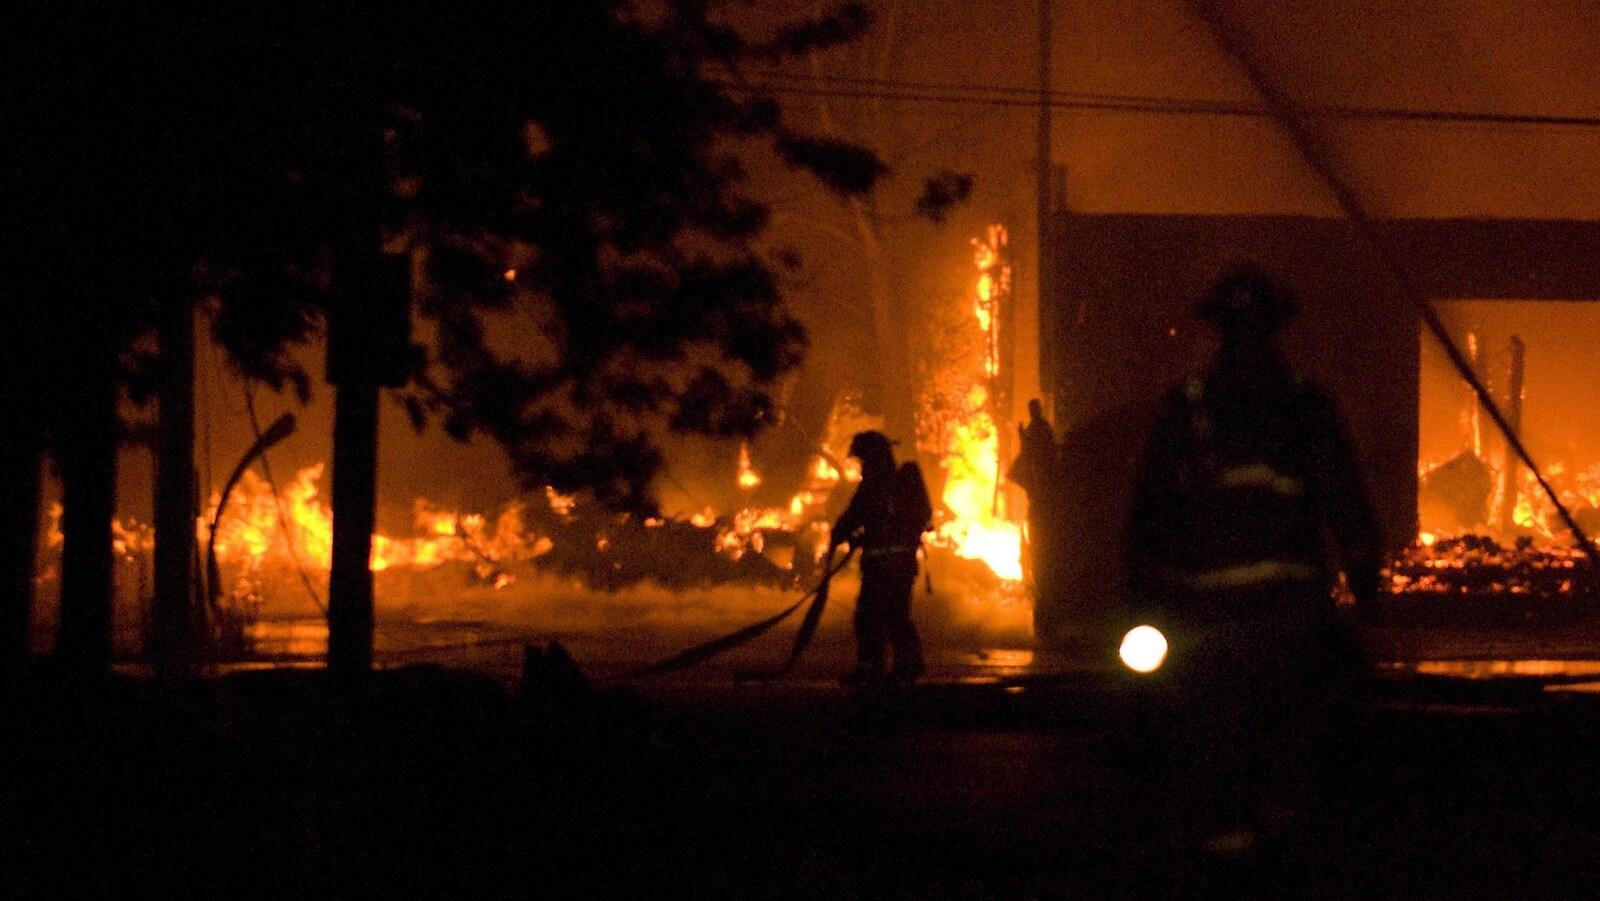 Des pompiers qui tentent d'éteindre les flammes.